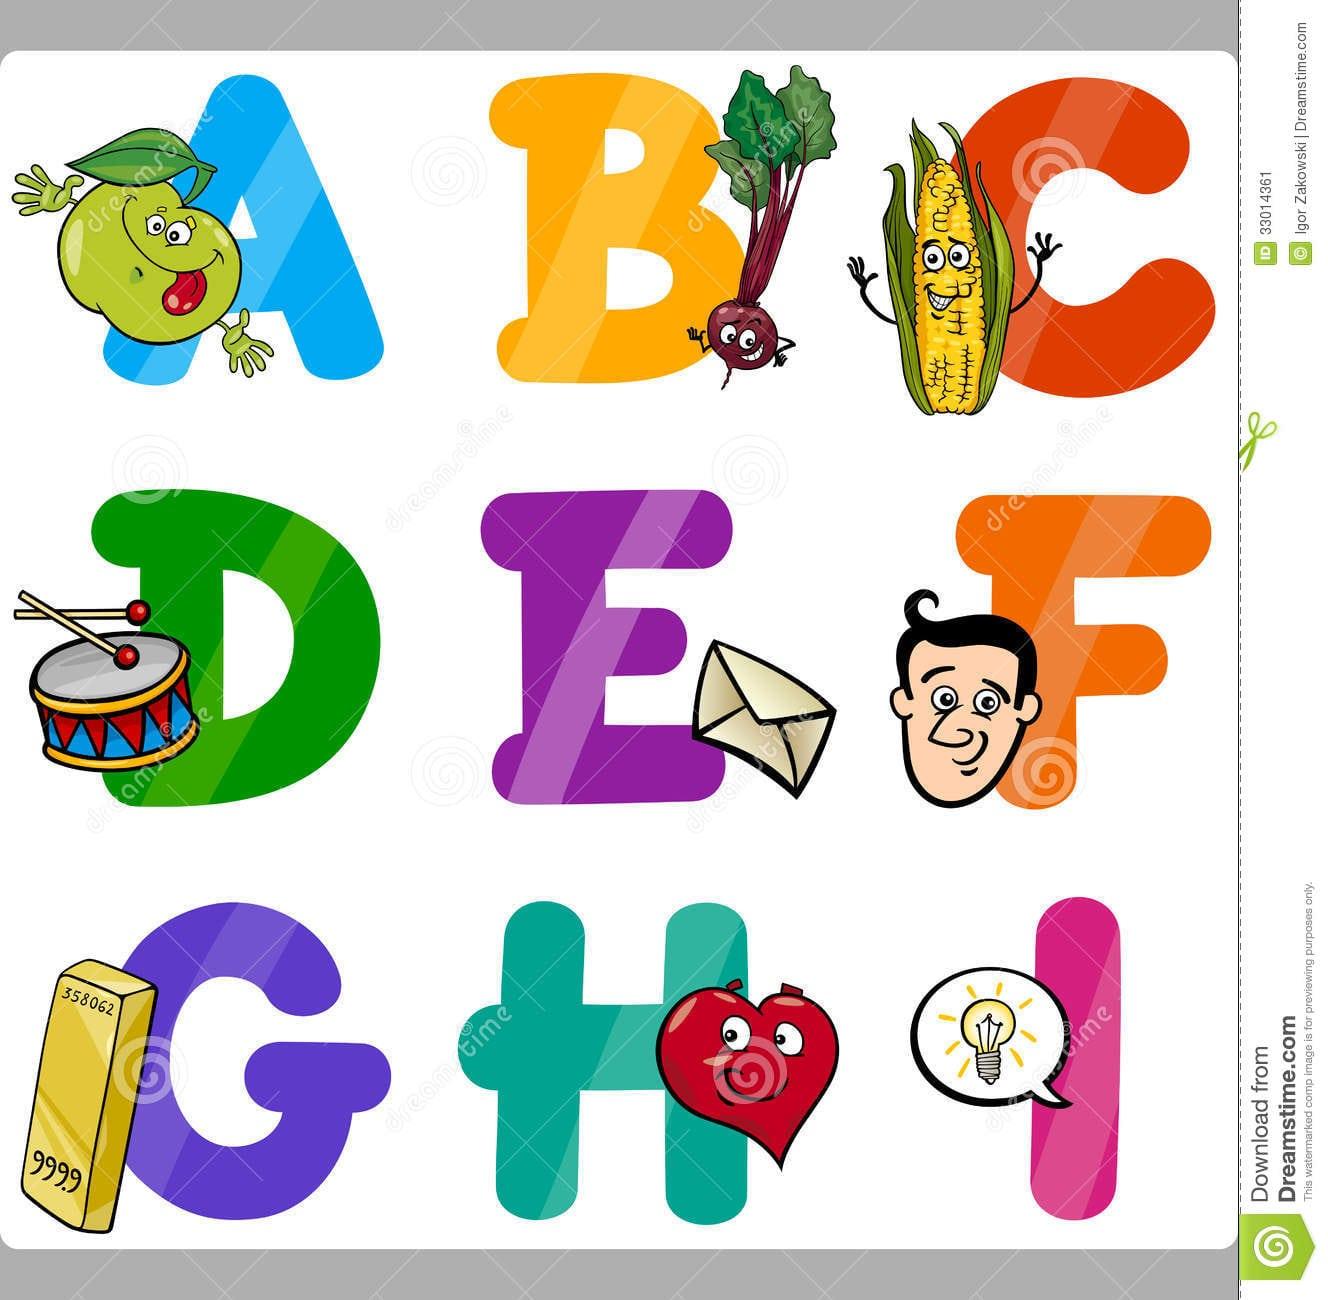 Letras Do Alfabeto Dos Desenhos Animados Da Educação Para Crianças